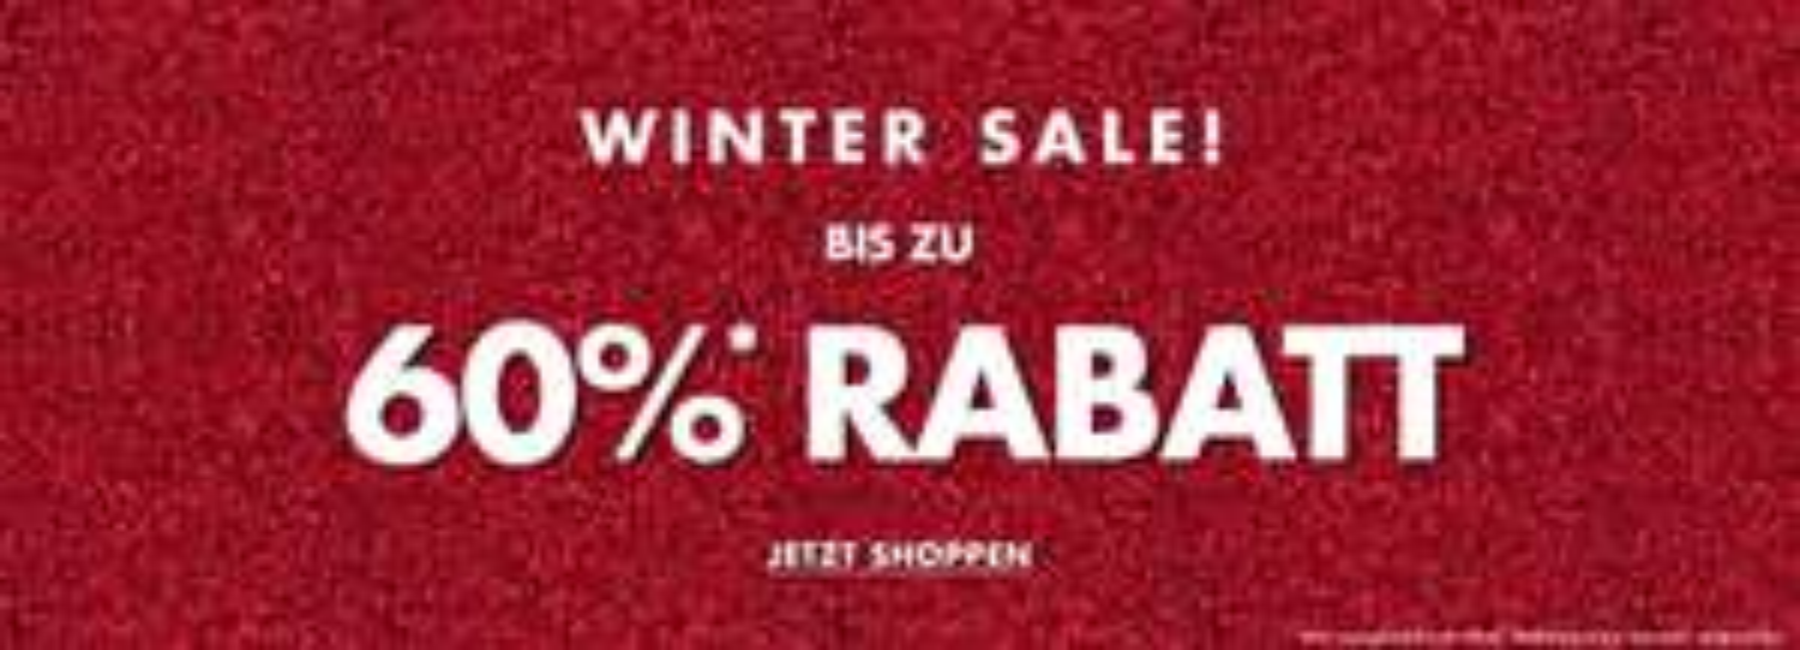 30% Extra Rabatt auf den gesamten Sale + weitere Produkte bei forever21